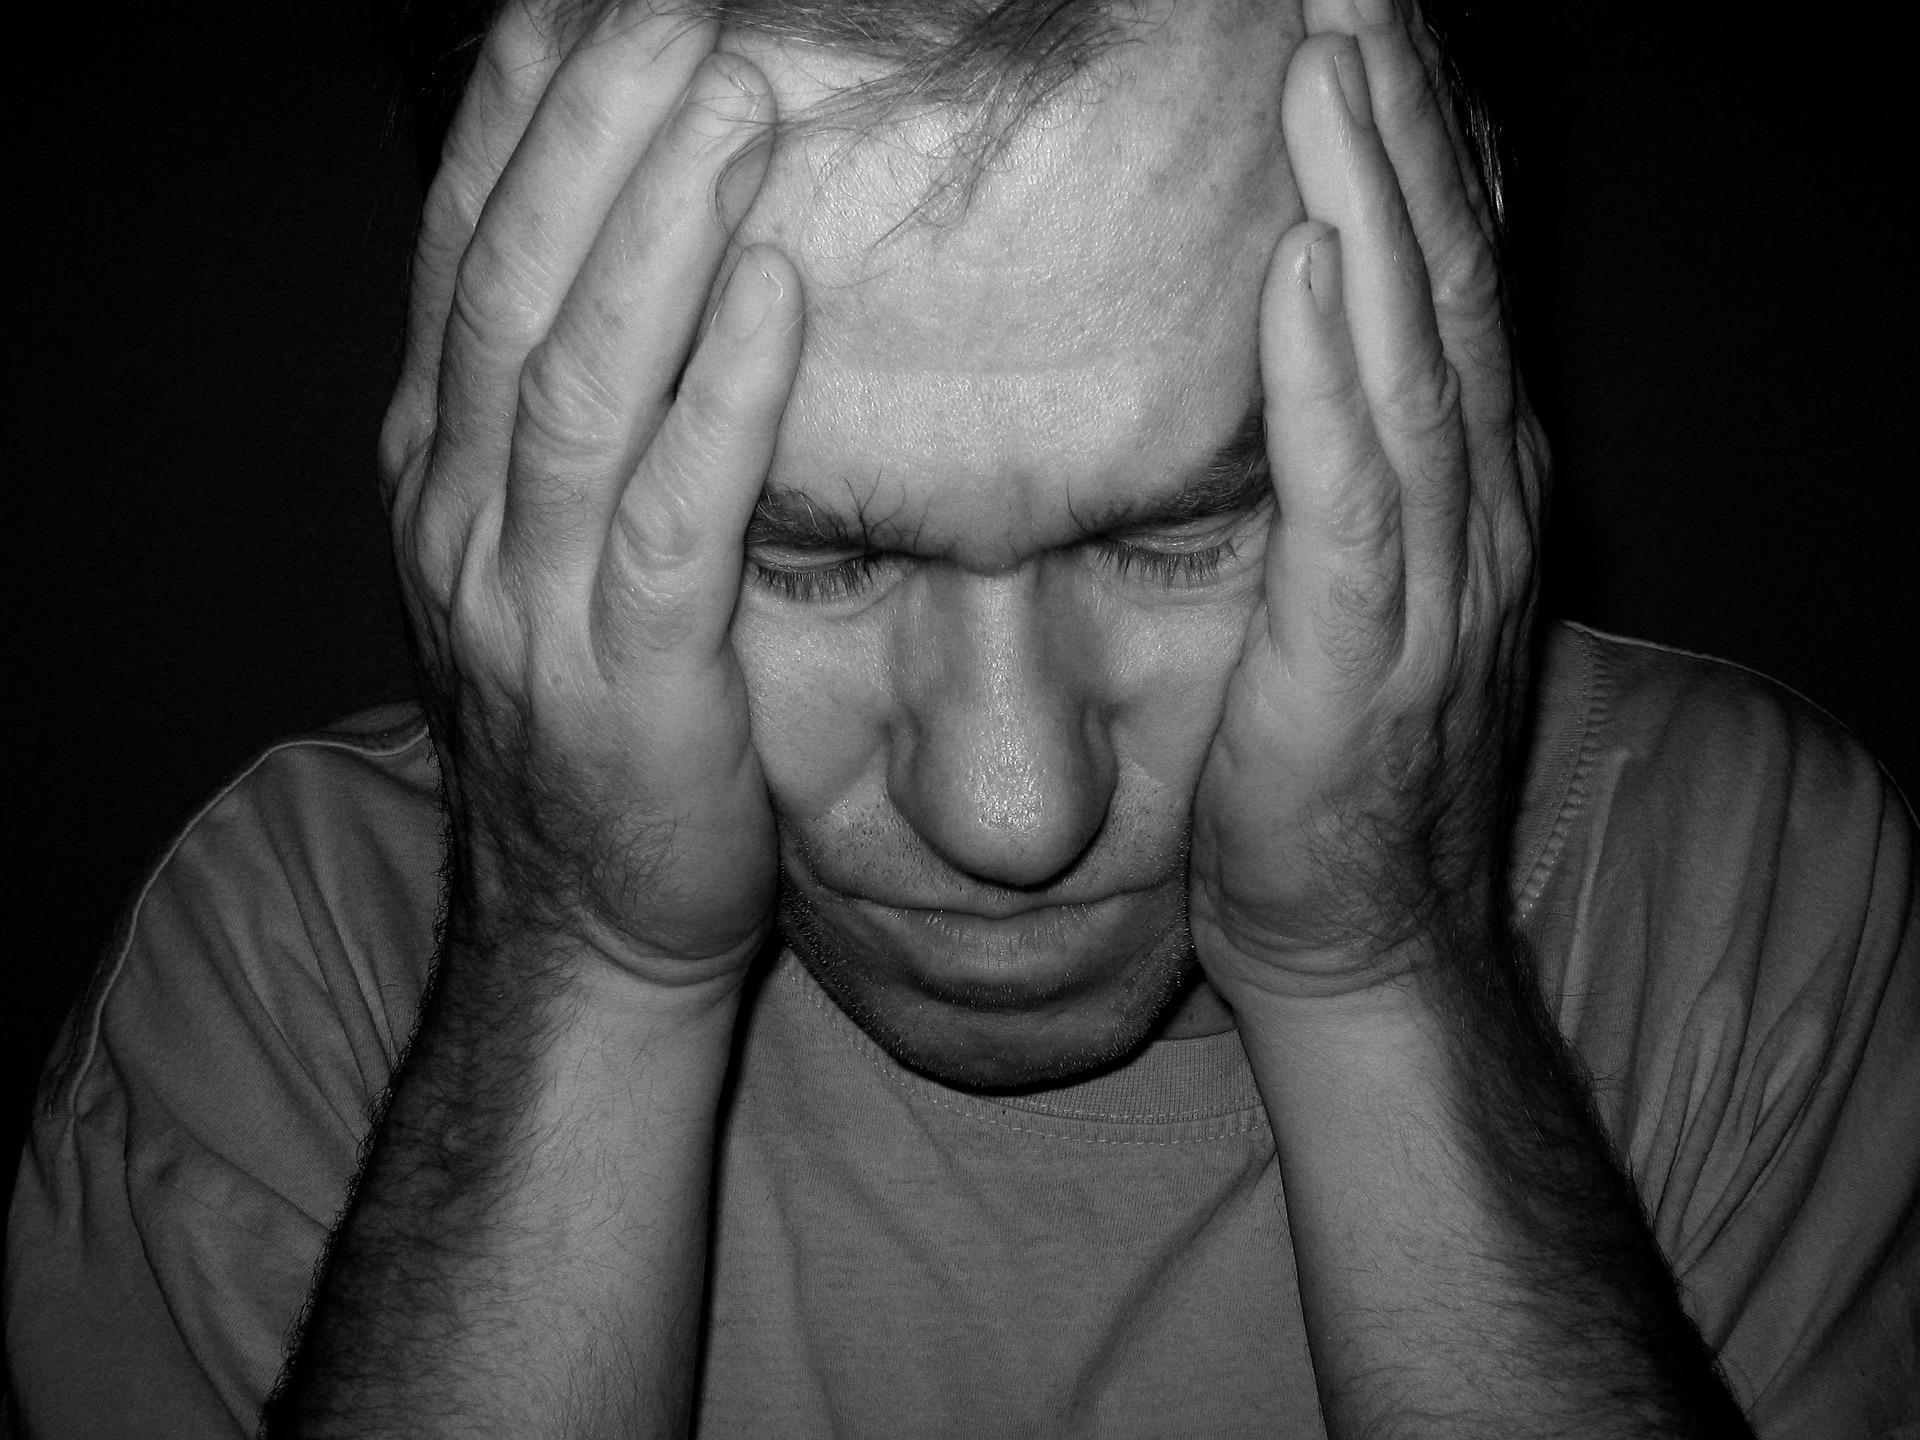 O que a enxaqueca tem a ver com um neurologista?